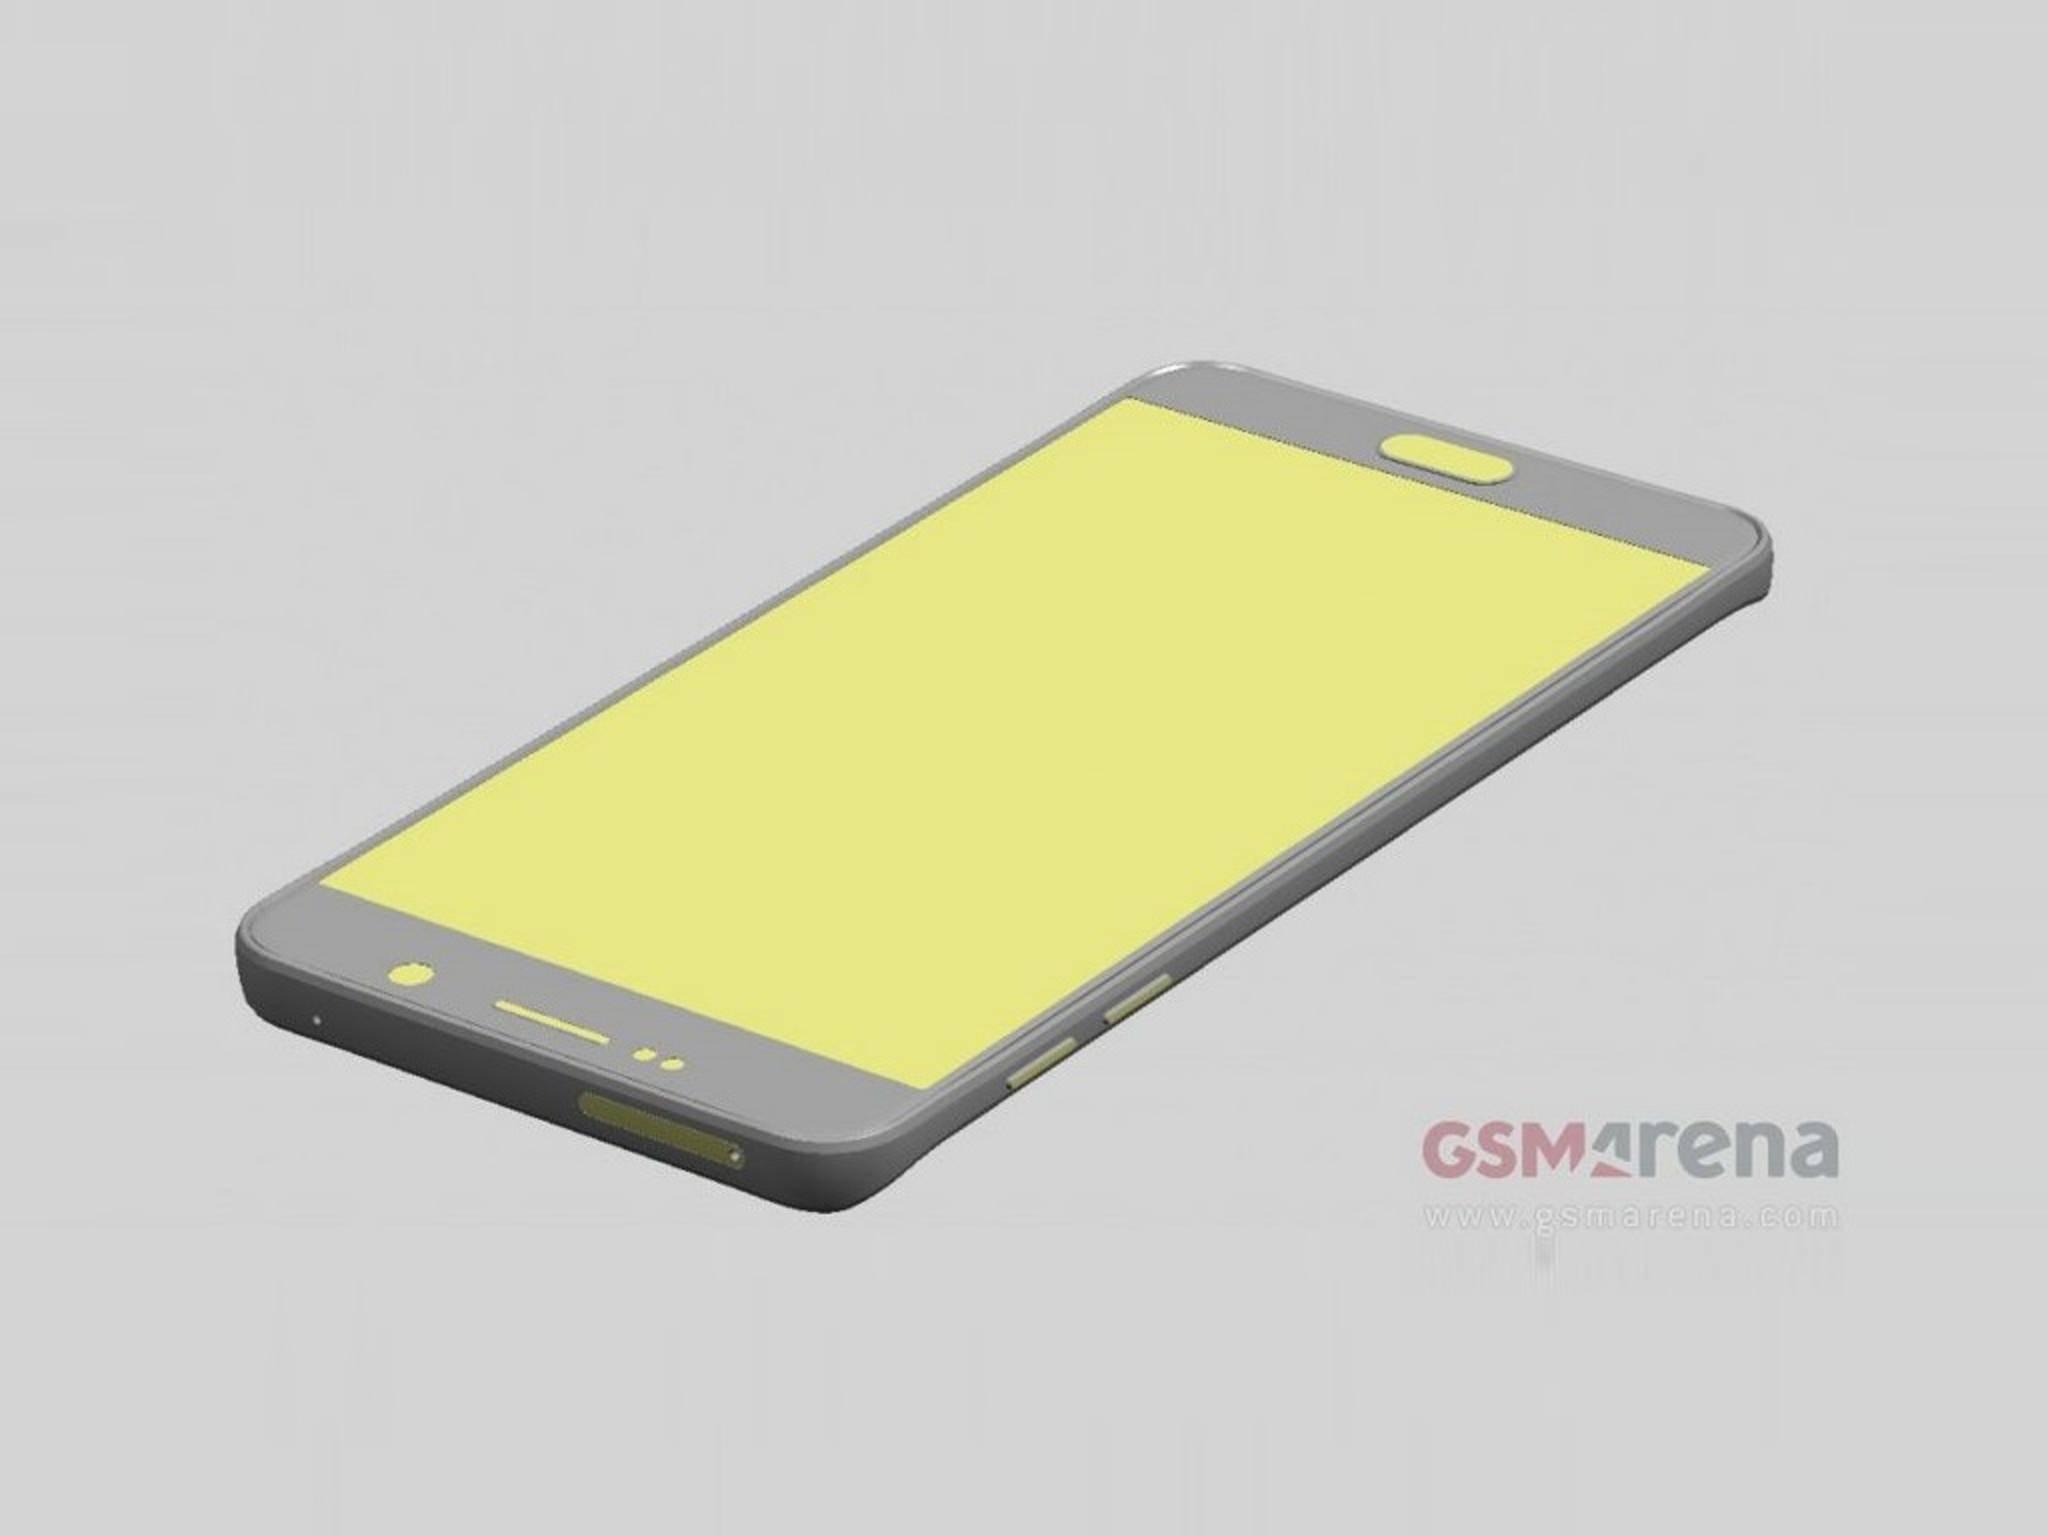 Render-Bilder eines Case-Herstellers enthüllen die Abmessungen von Galaxy Note 5.